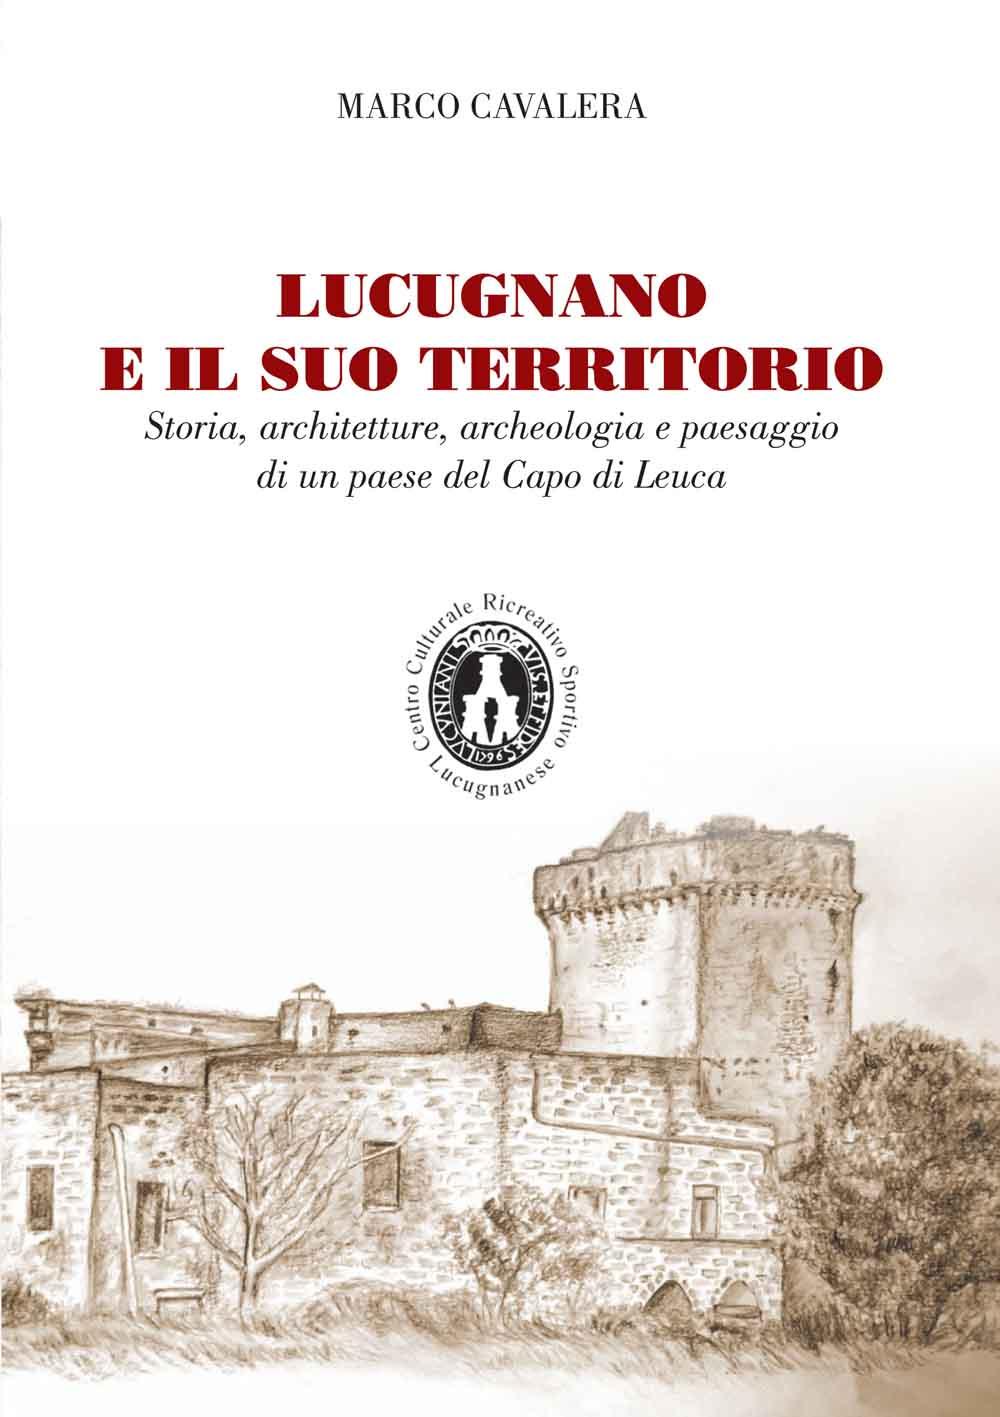 """copertina libro """"Lucugnano i il suo territorio"""", di M. Cavalera"""